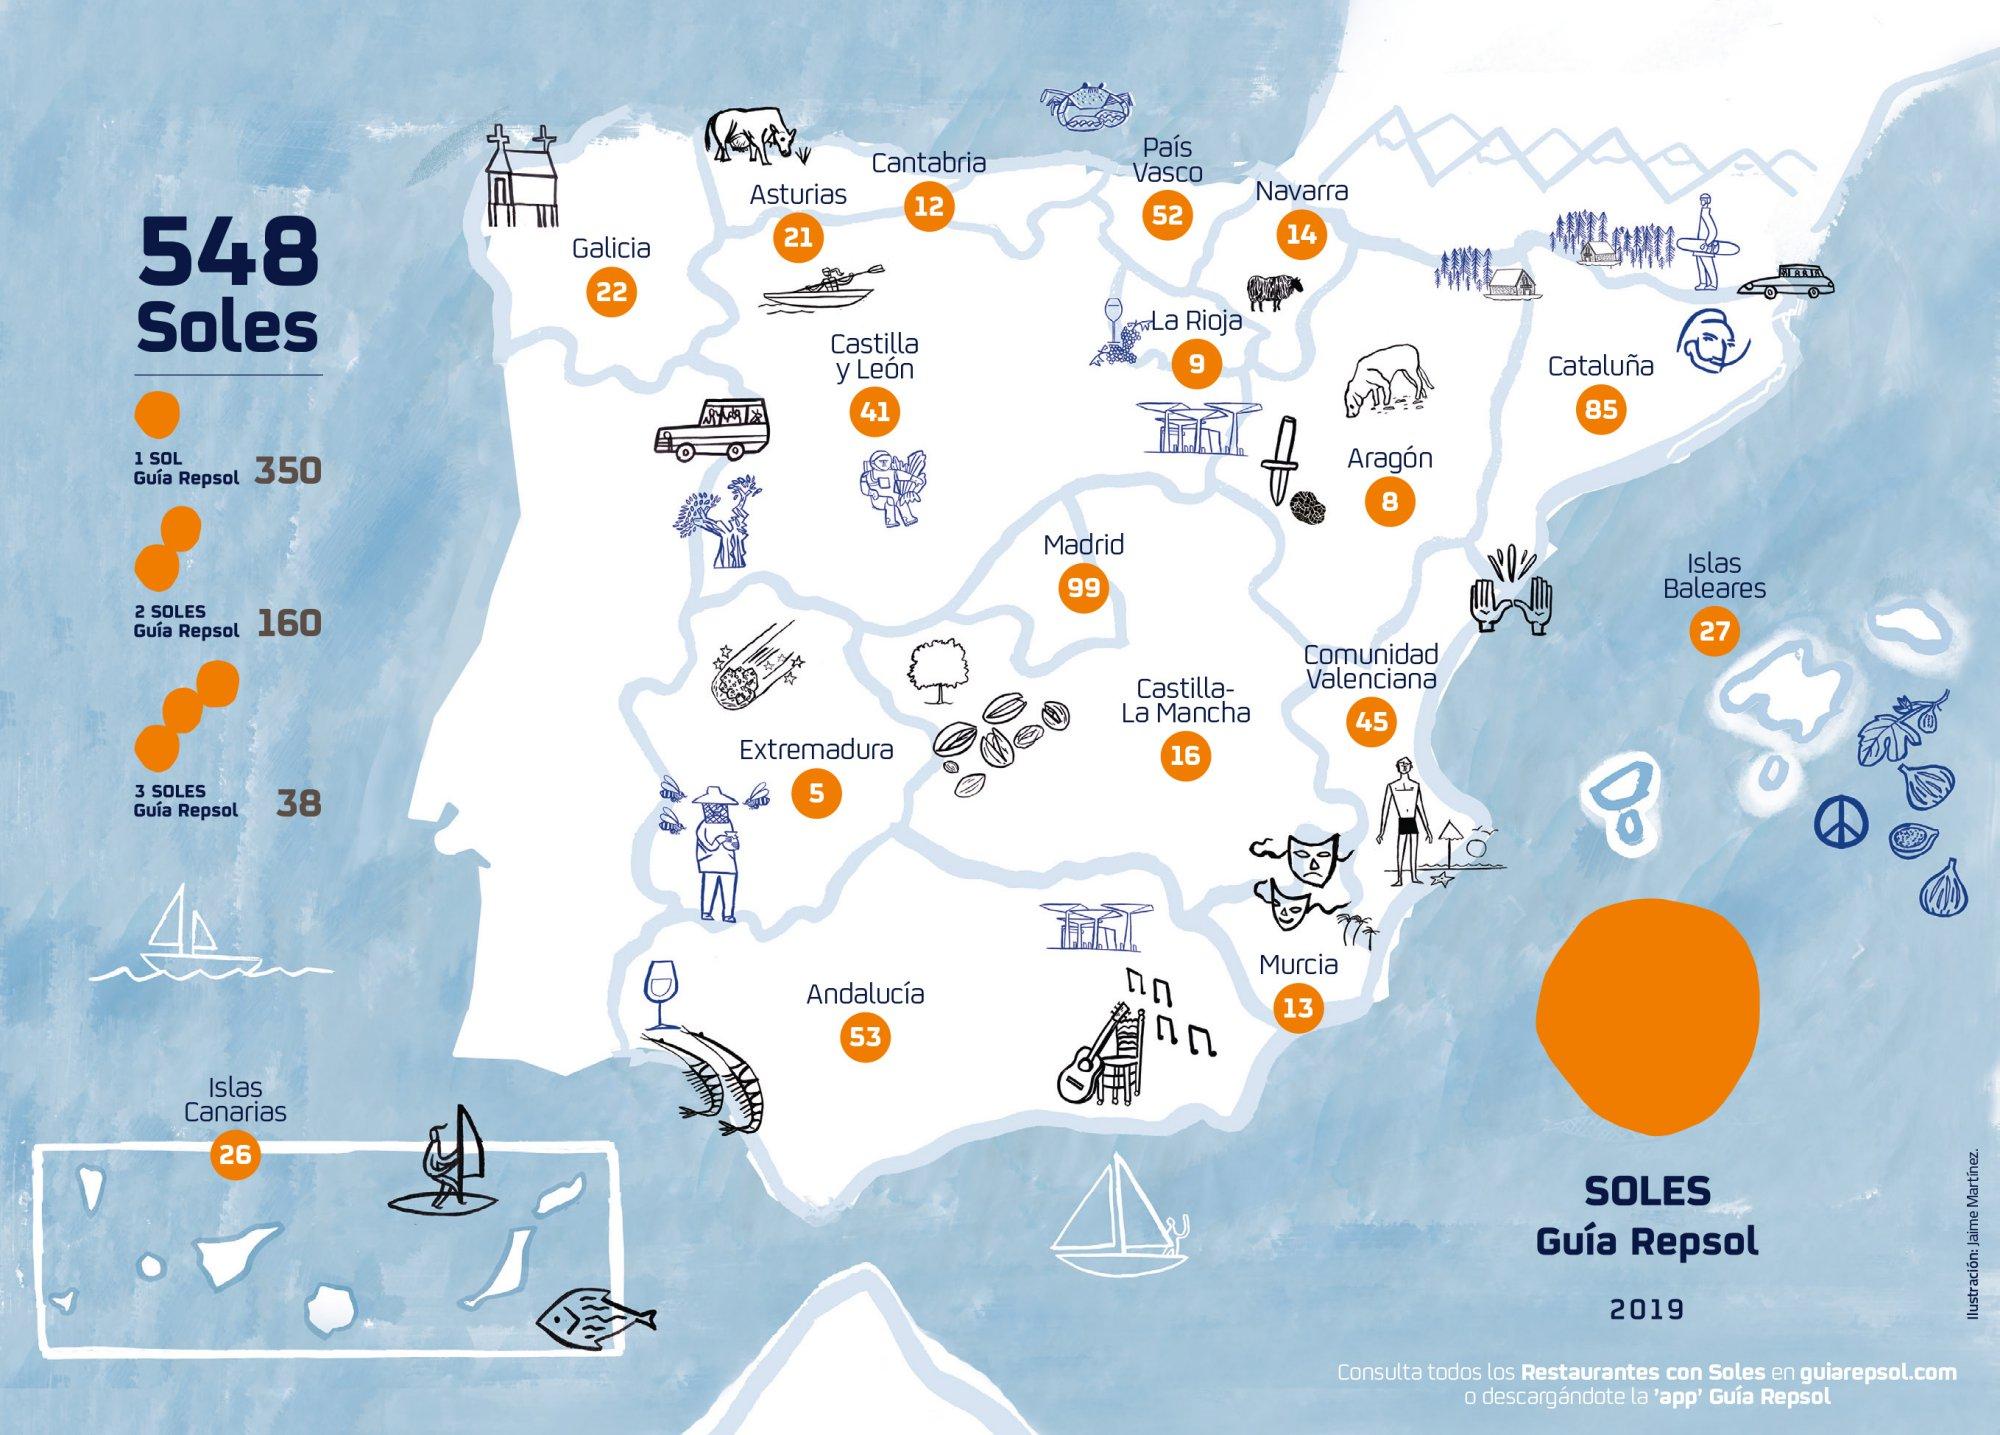 Total de Soles Guía Repsol repartidos por Comunidades Autónomas.